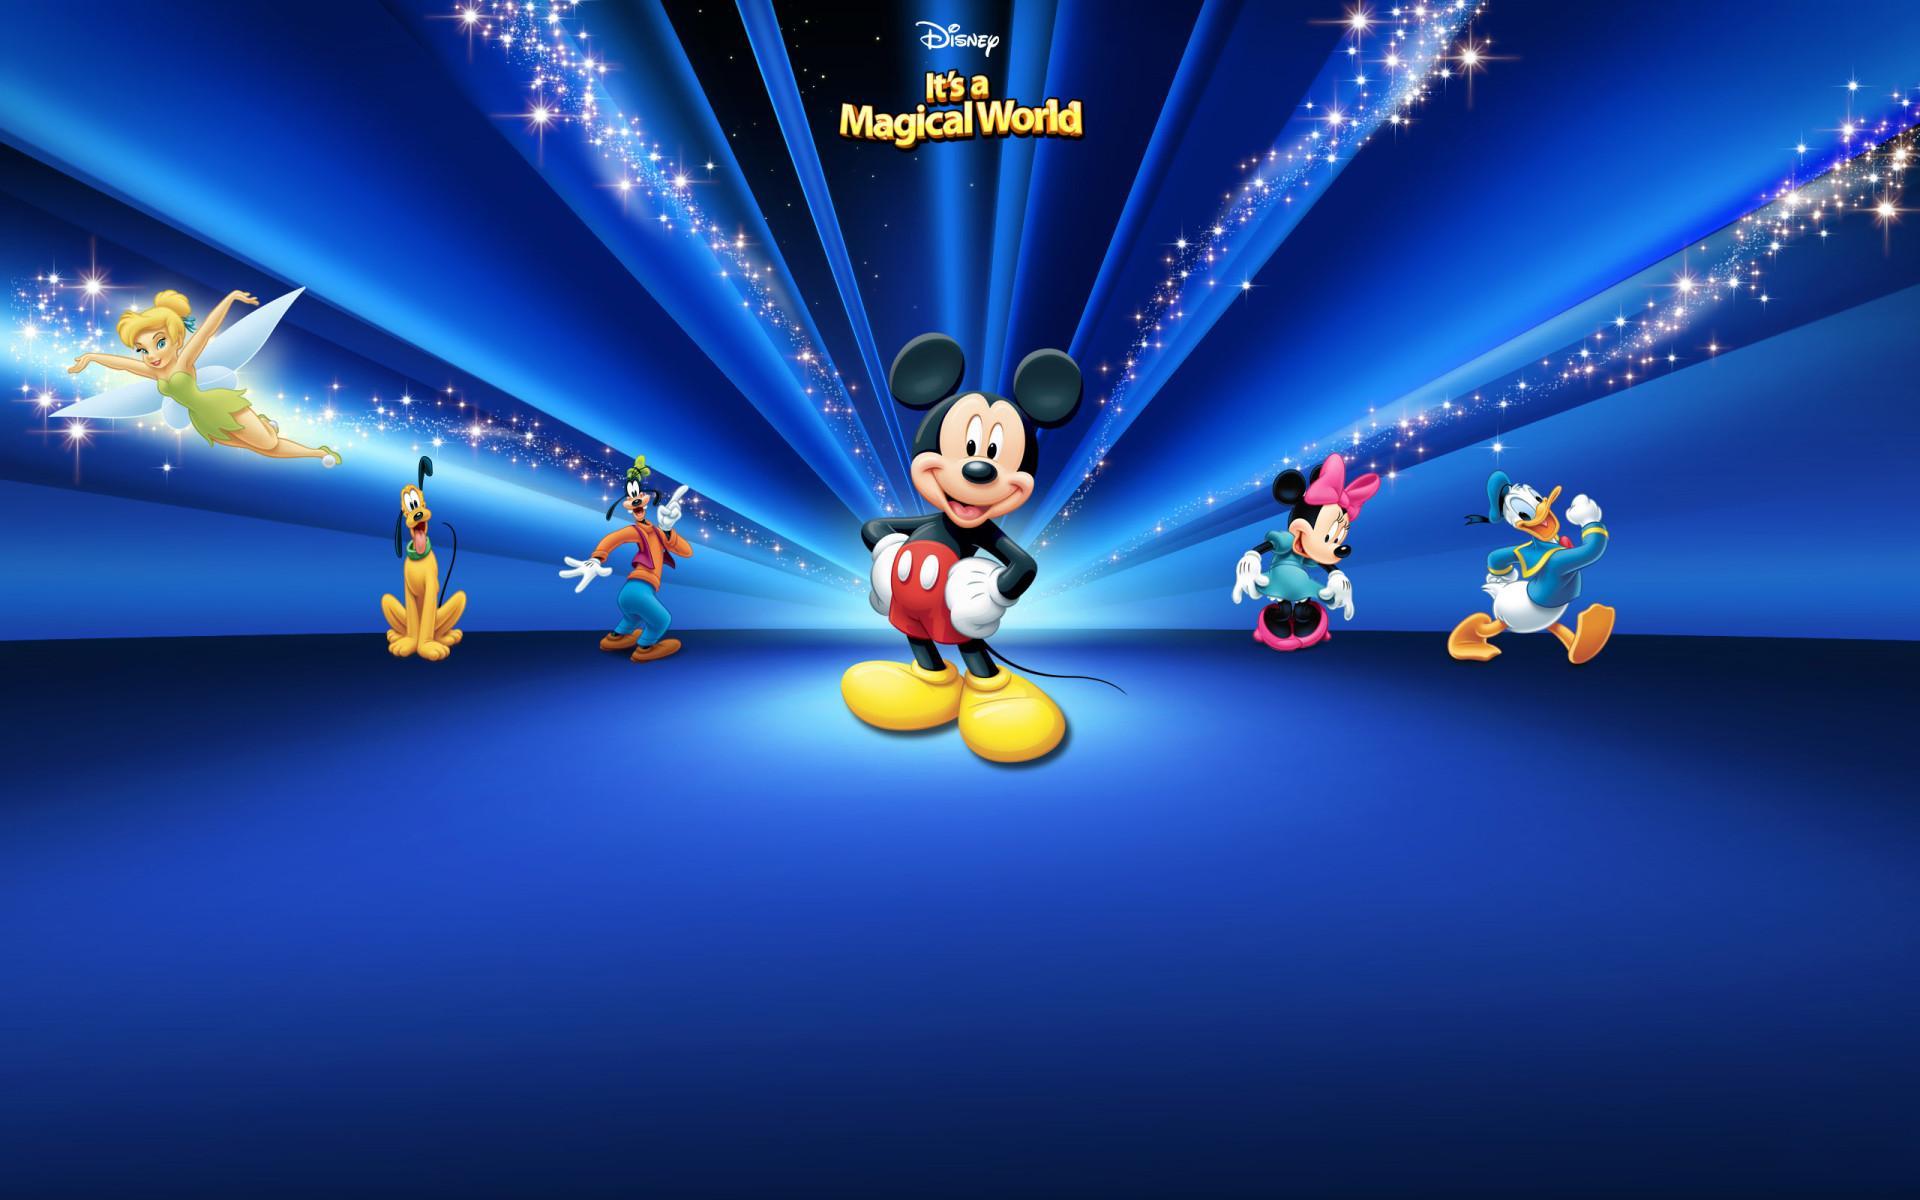 壁紙、ディズニー、ミッキーマウス、漫画、ダウンロード、写真